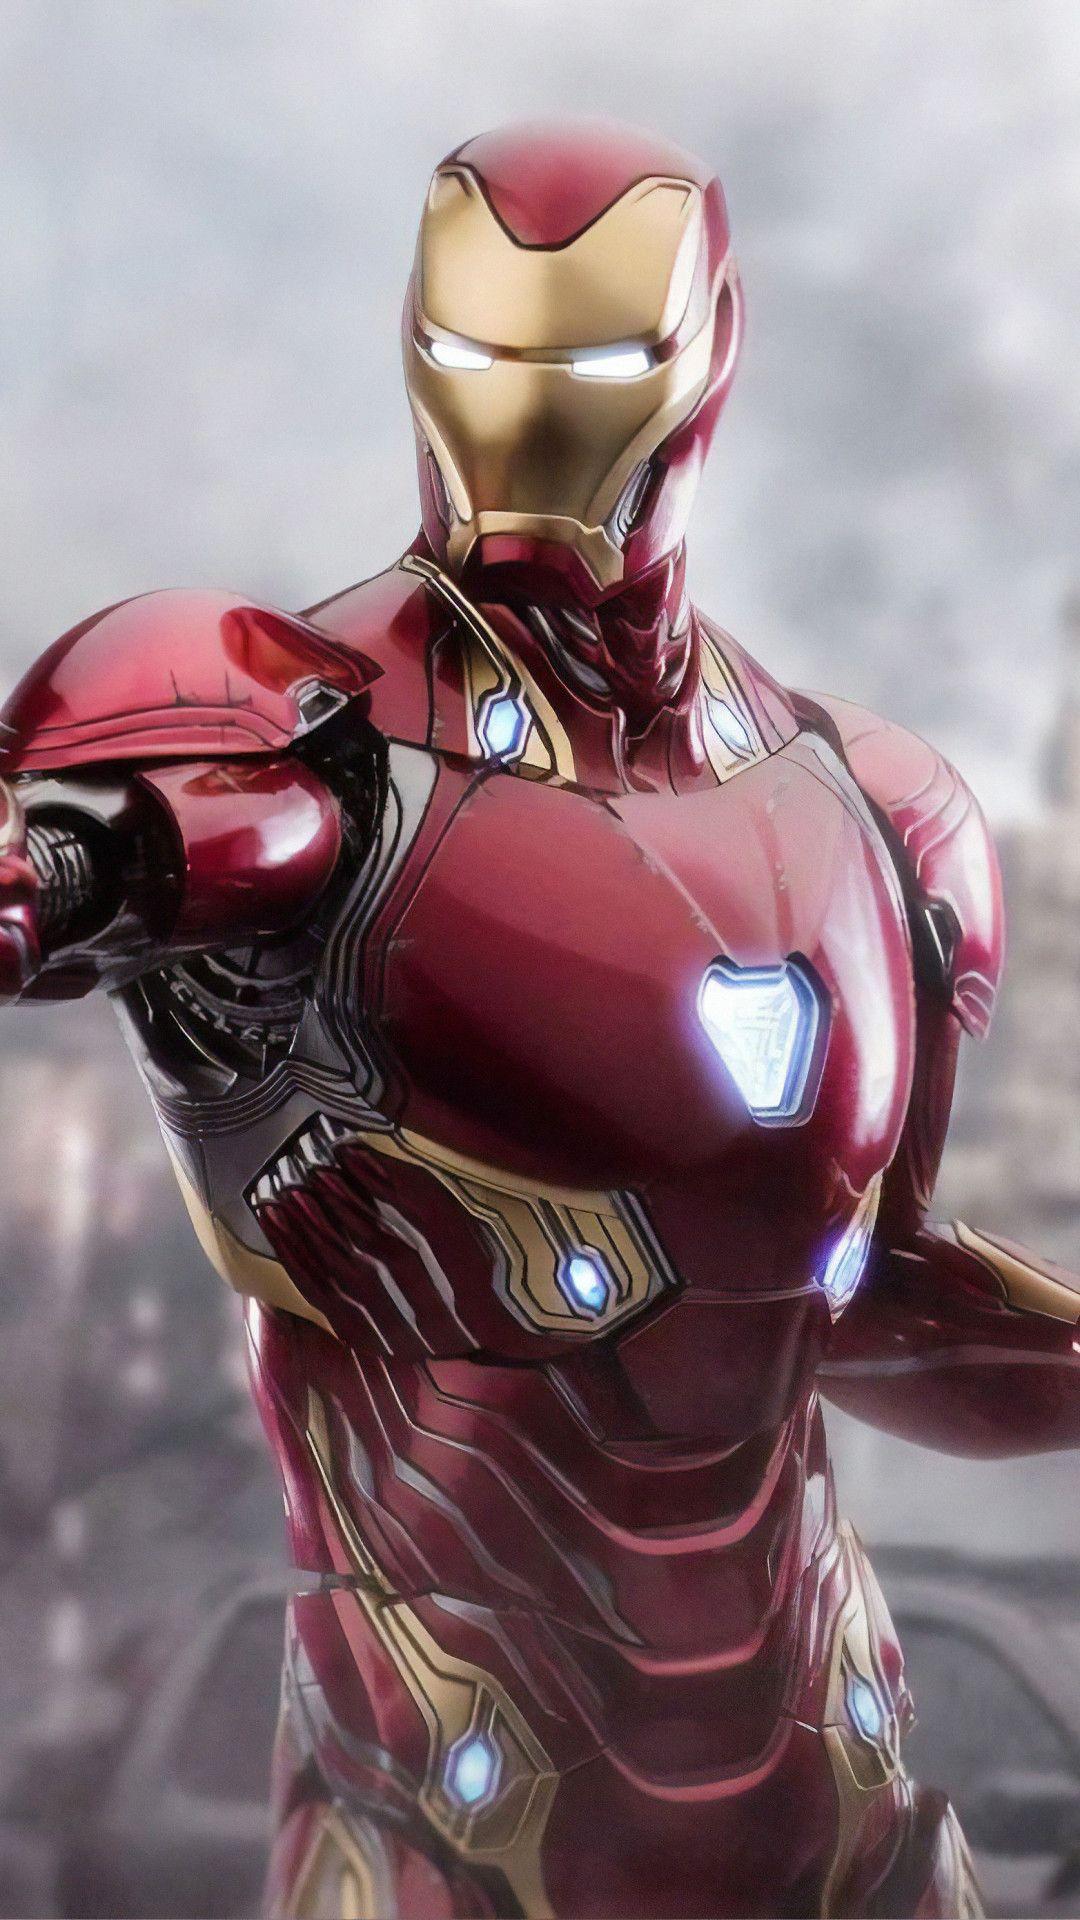 4k Iron Man Endgame Mobile Wallpaper Iphone Android Samsung Pixel Xiaomi Iron Man Wallpaper Iron Man Art Iron Man Avengers Iphone ultra hd avengers endgame iron